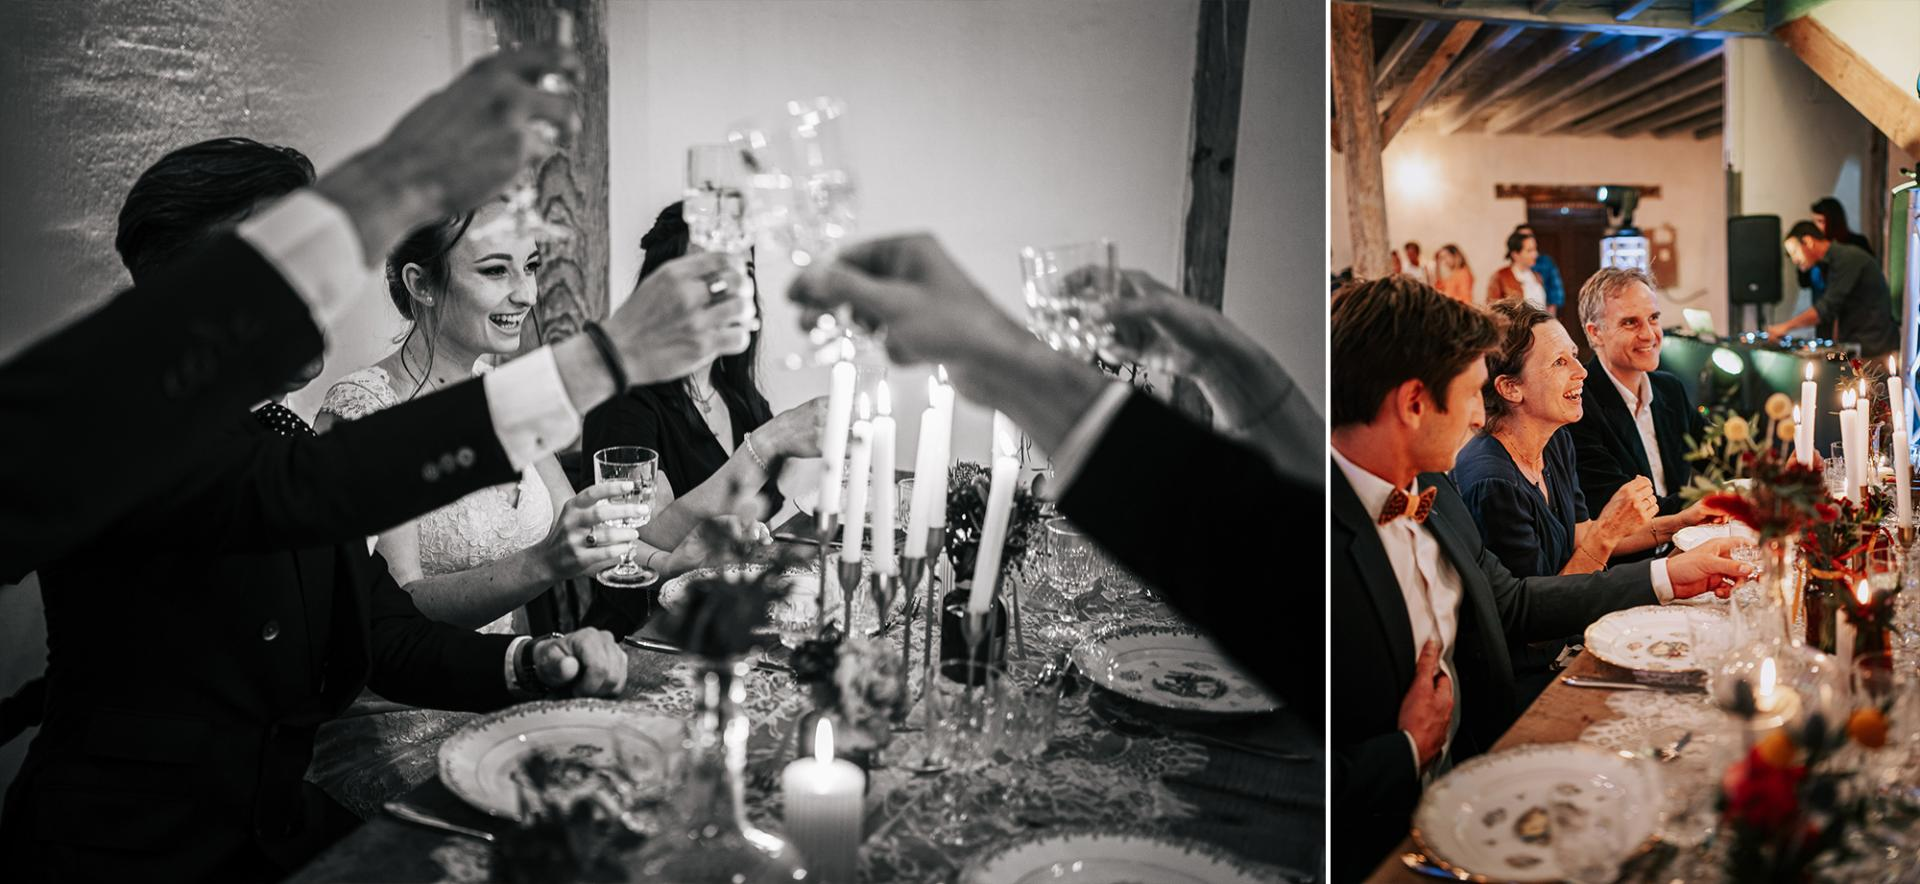 31 photographe de mariage landes dax aquitaine allison micallef le repas et le dj